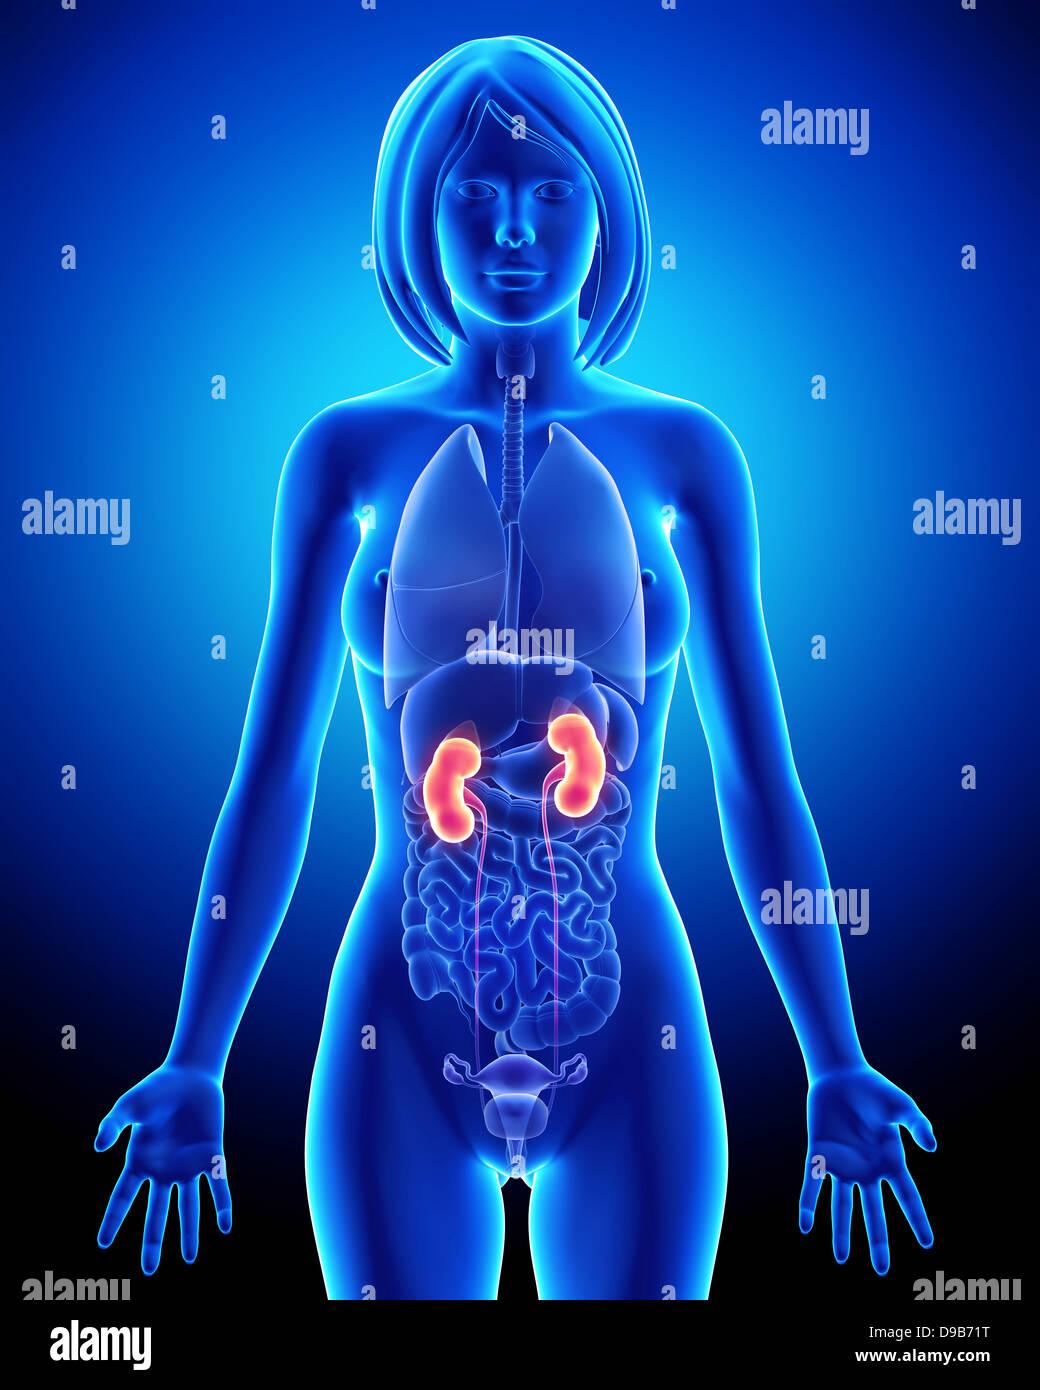 Anatomía del riñón en mujeres Foto & Imagen De Stock: 57410020 - Alamy